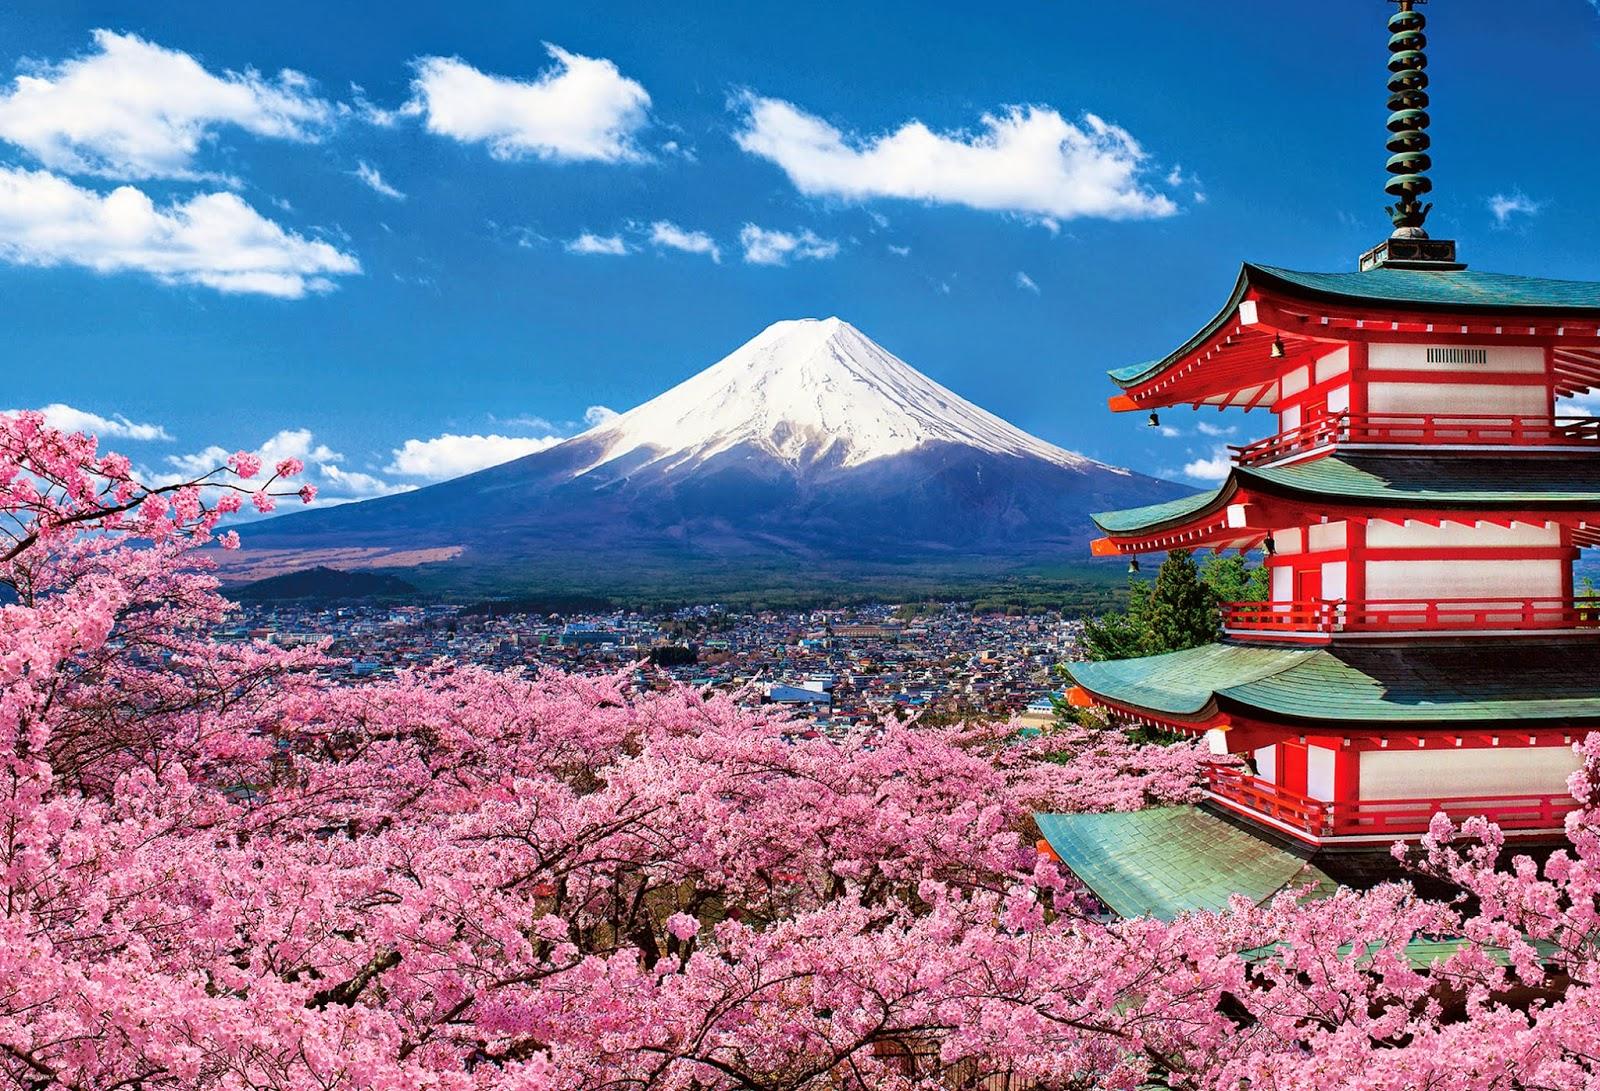 Du lịch Nhật Bản: tokyo - núi phú sỹ 4 ngày